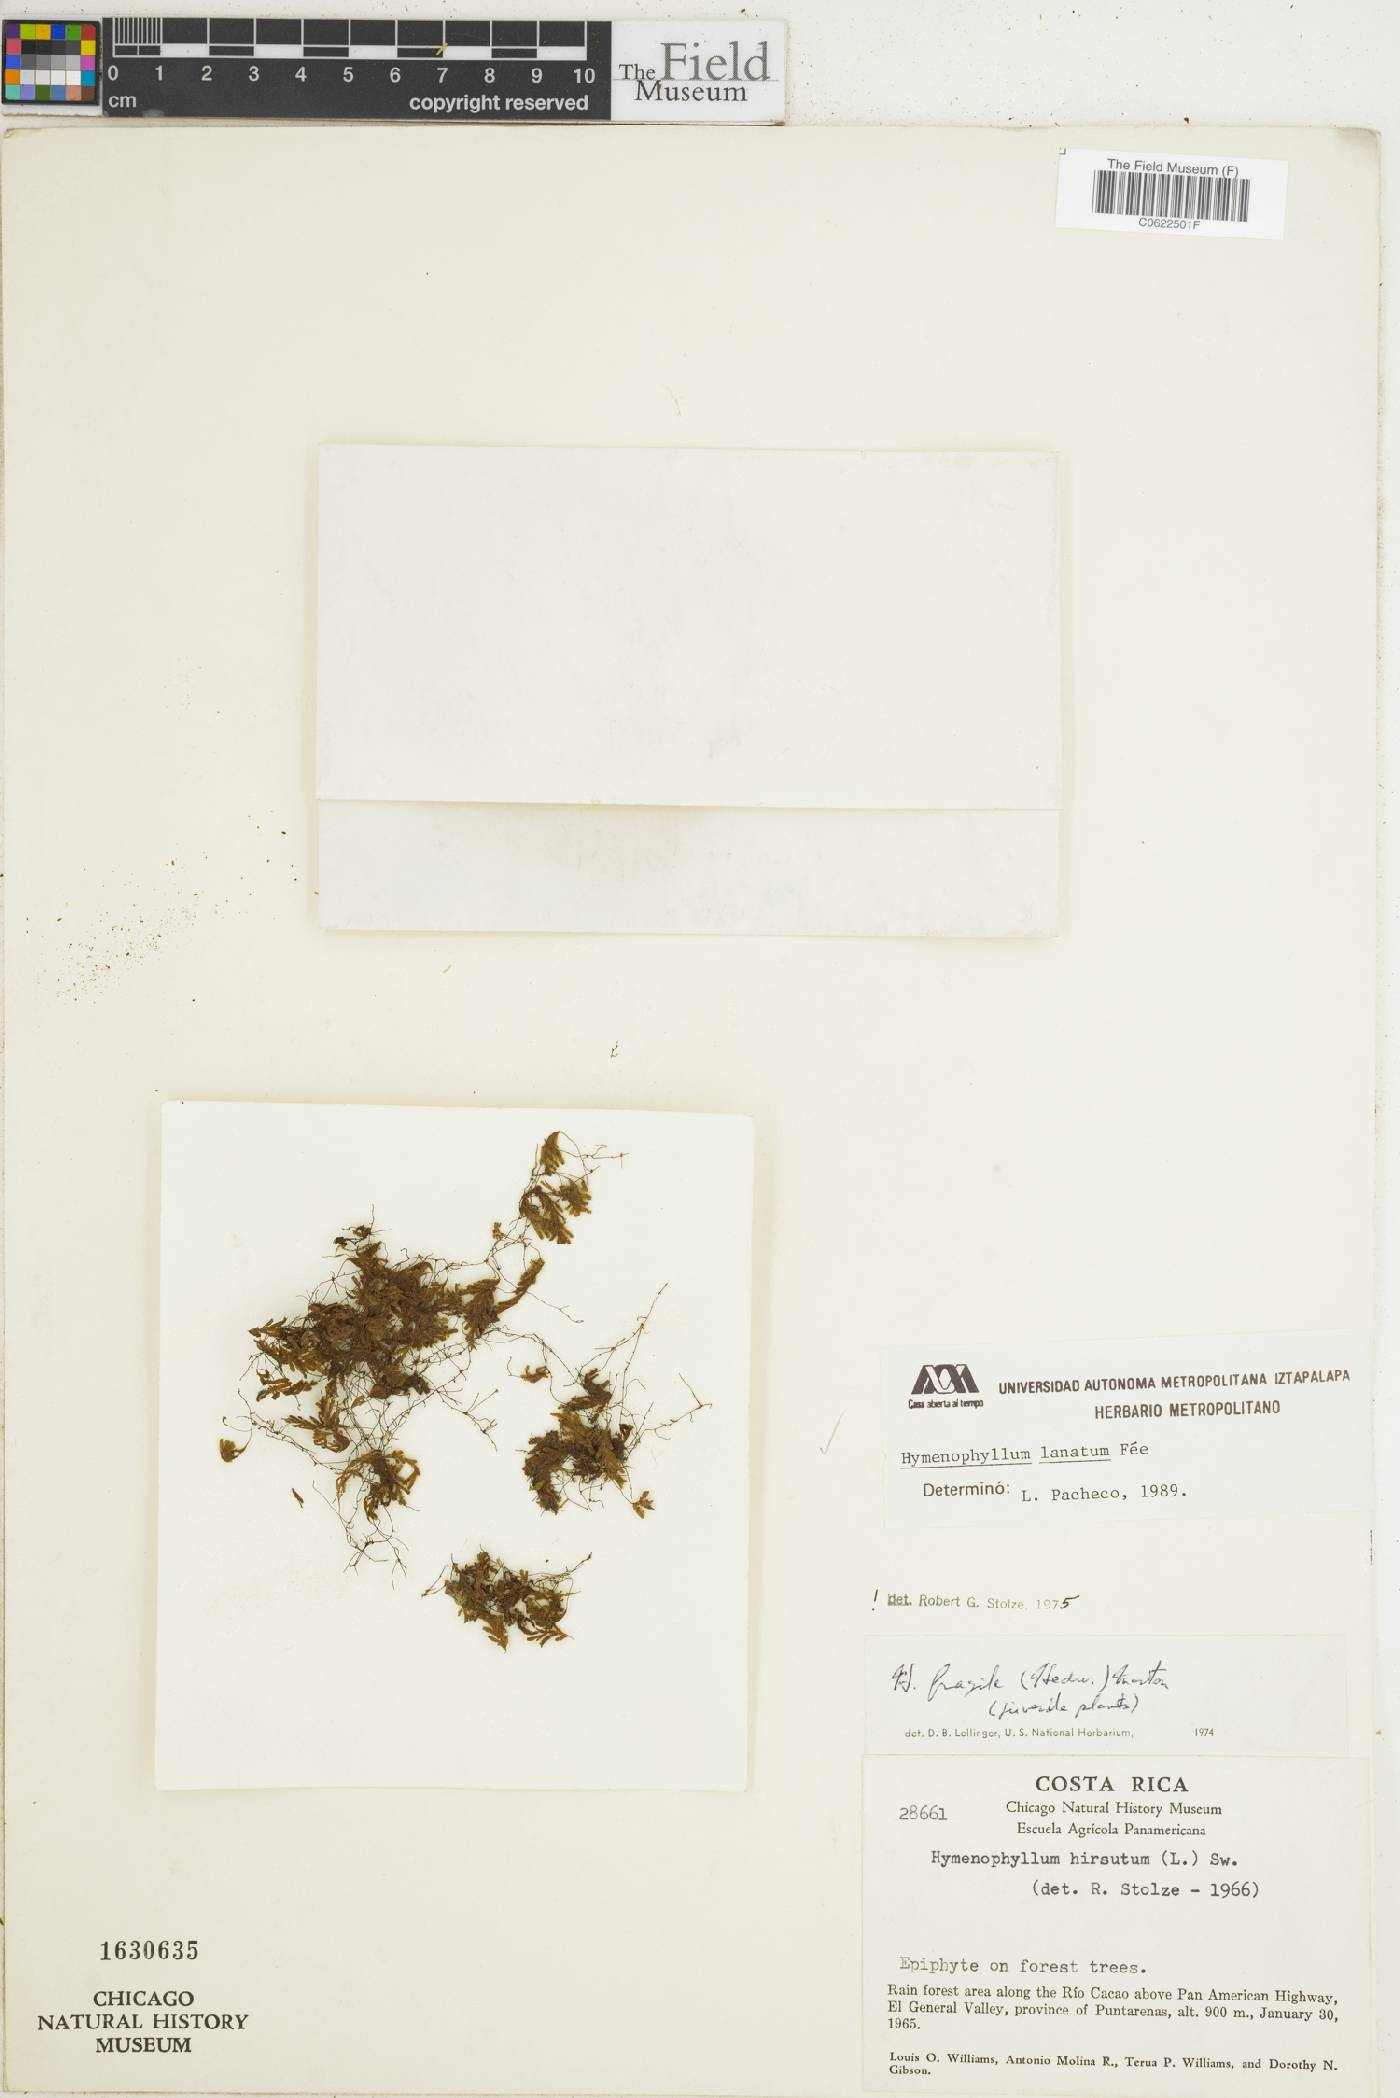 Hymenophyllum lanatum image